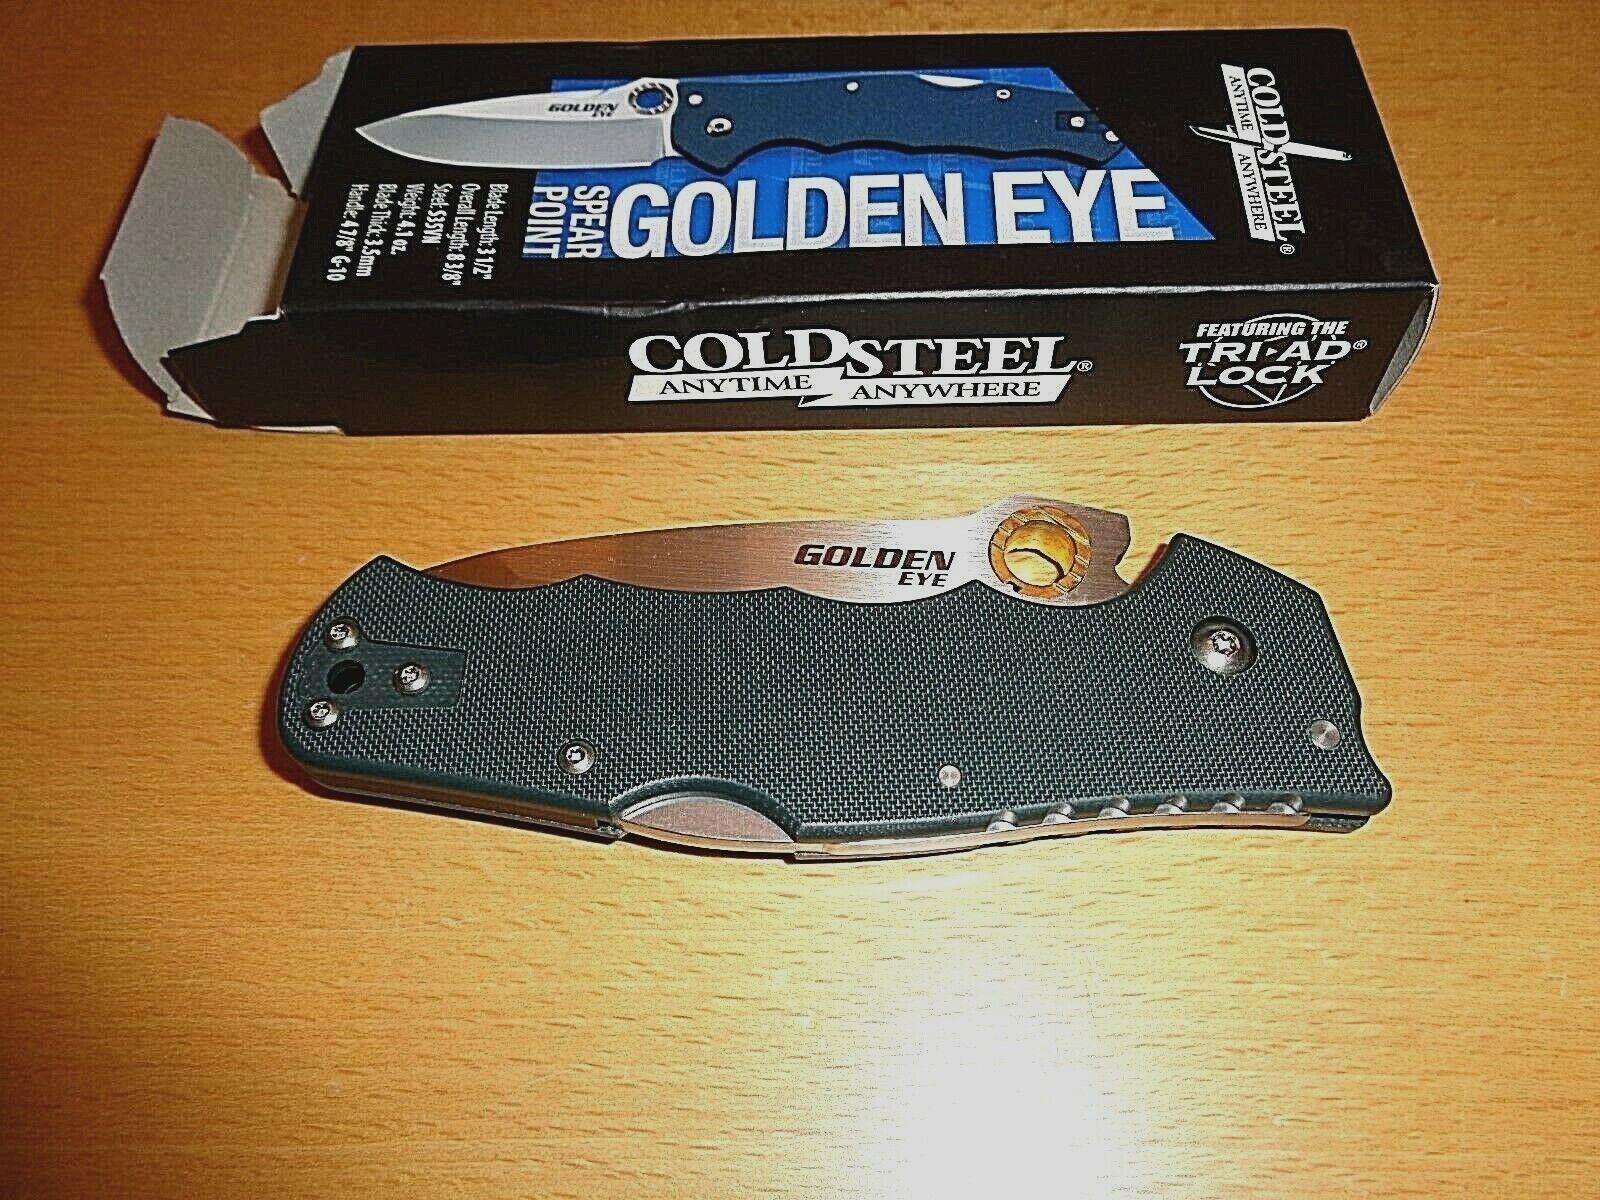 Cold Steel oroen Eye  3.5  S-30VN Blade, tanto carpeta, Nuevo En Caja, Precio de venta sugerido por el fabricante